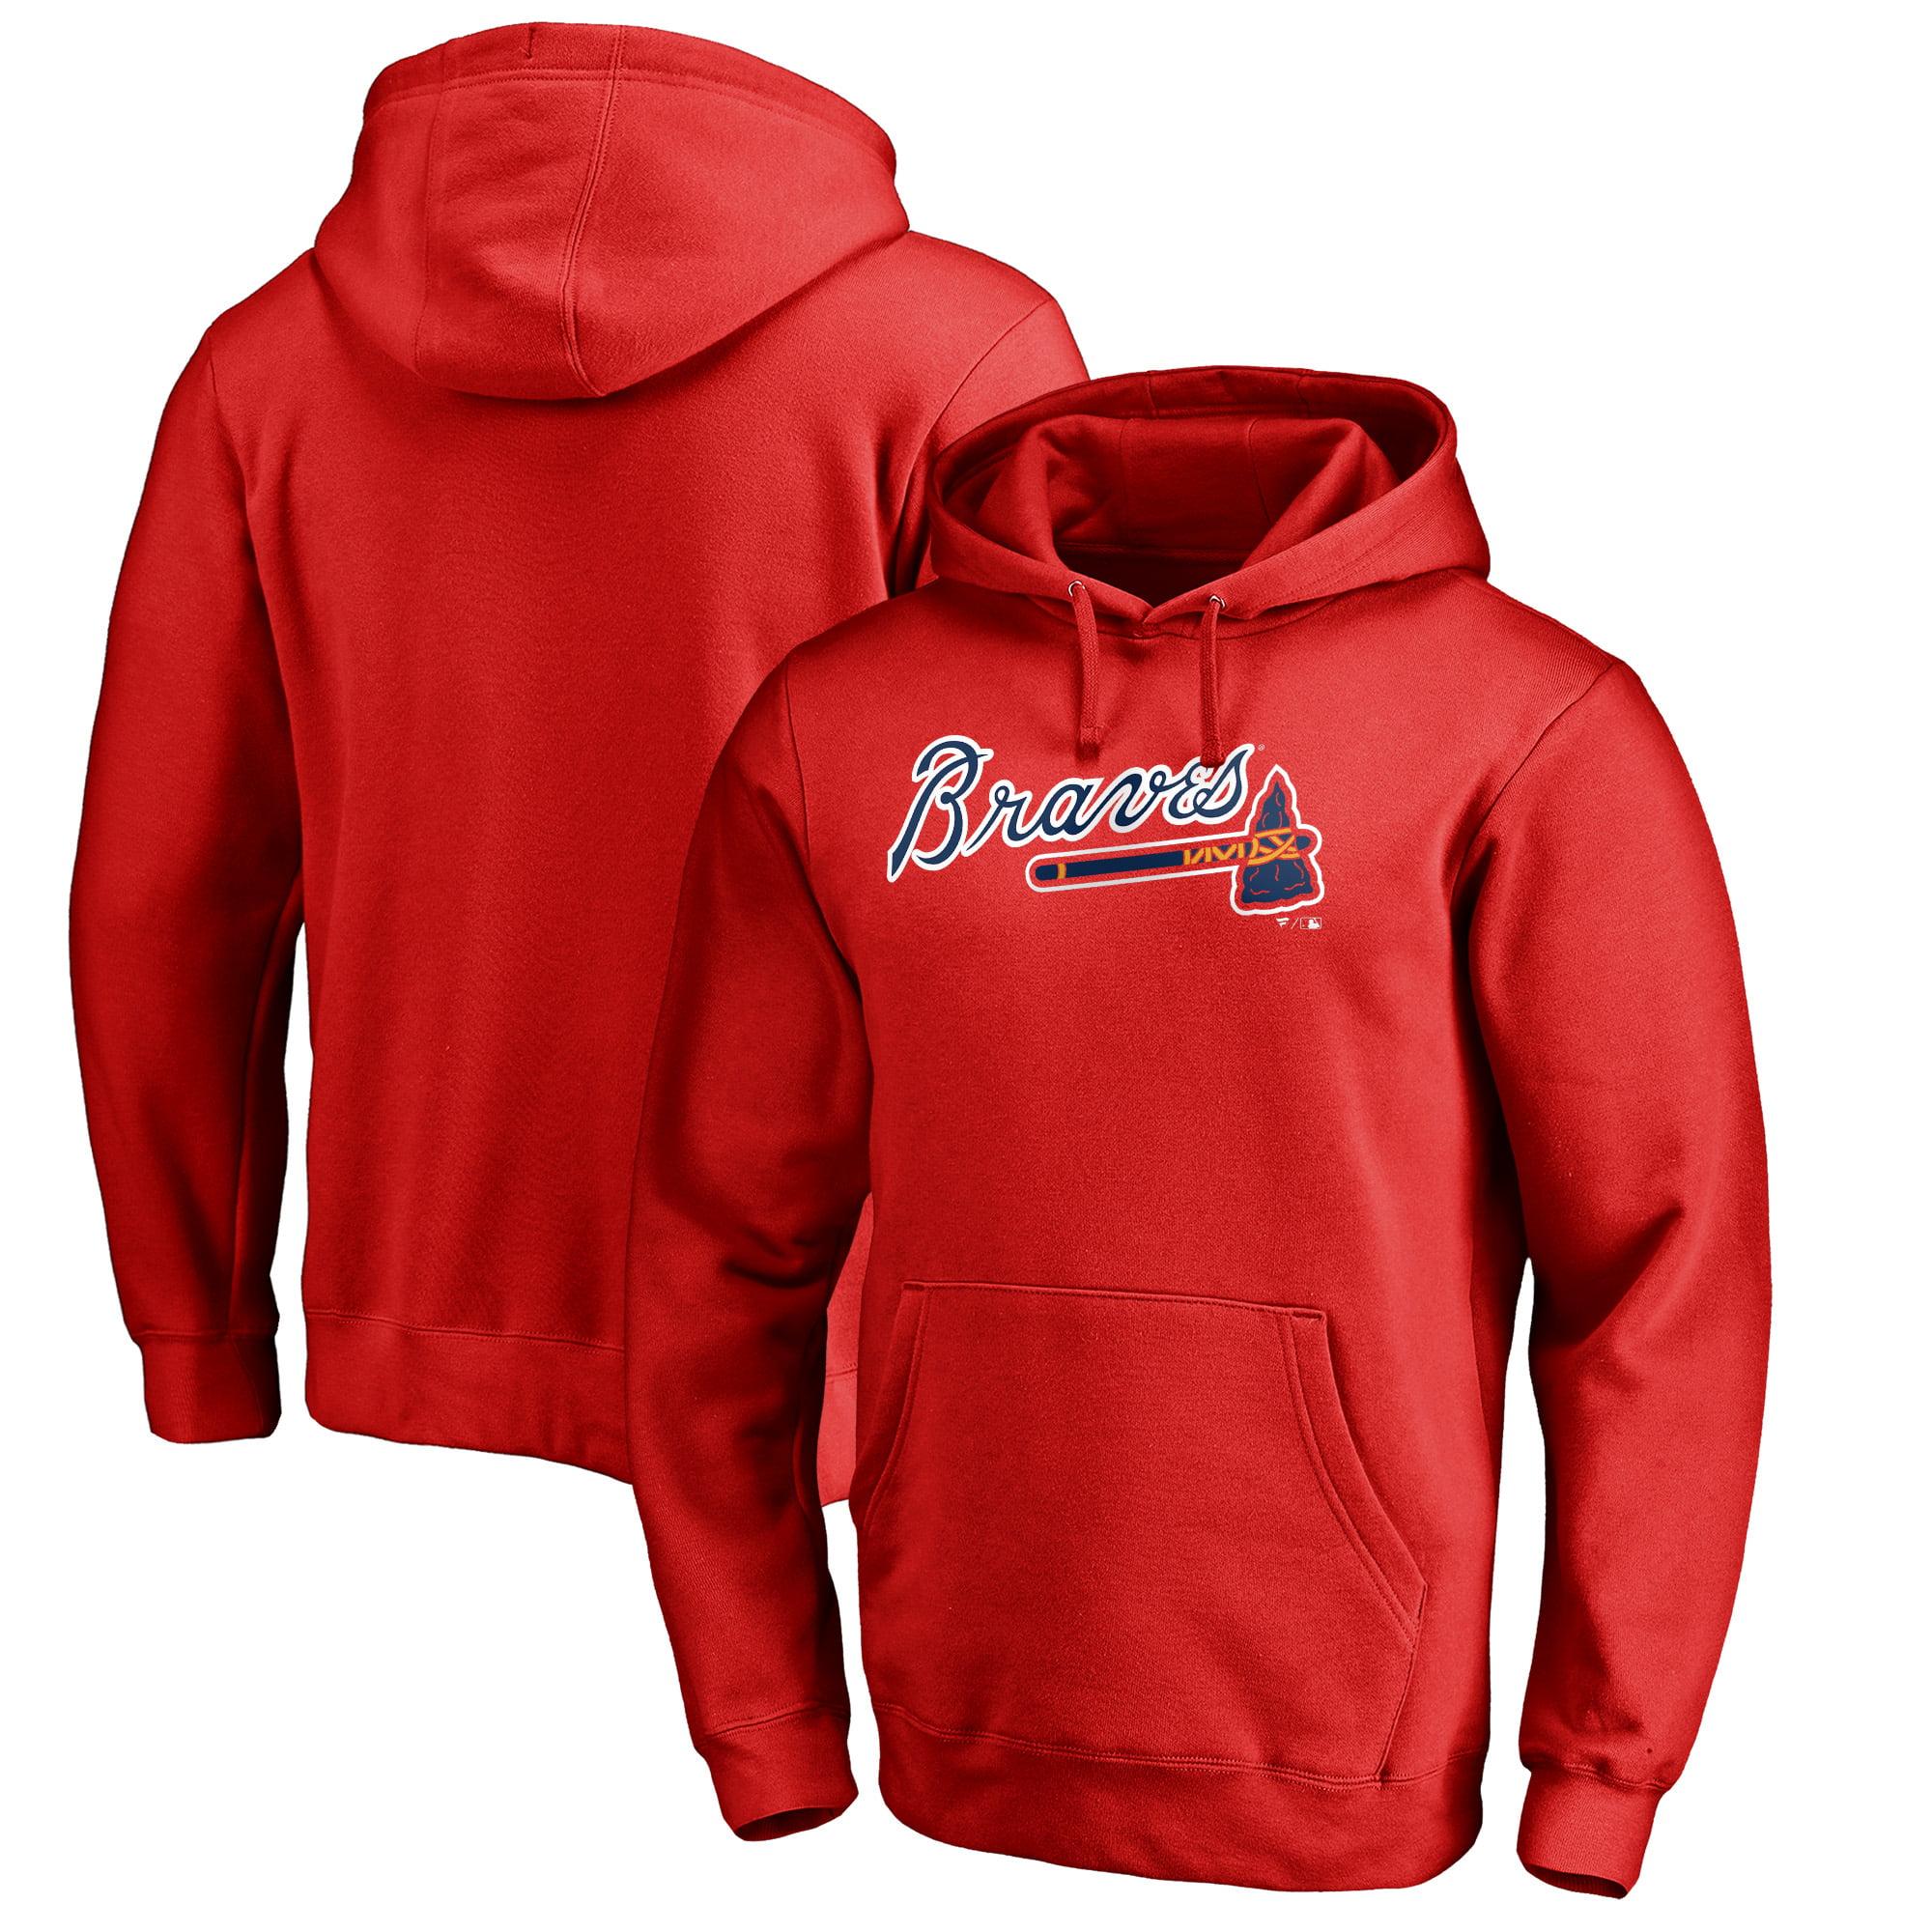 Atlanta Braves Fanatics Branded Team Wordmark Pullover Hoodie - Red